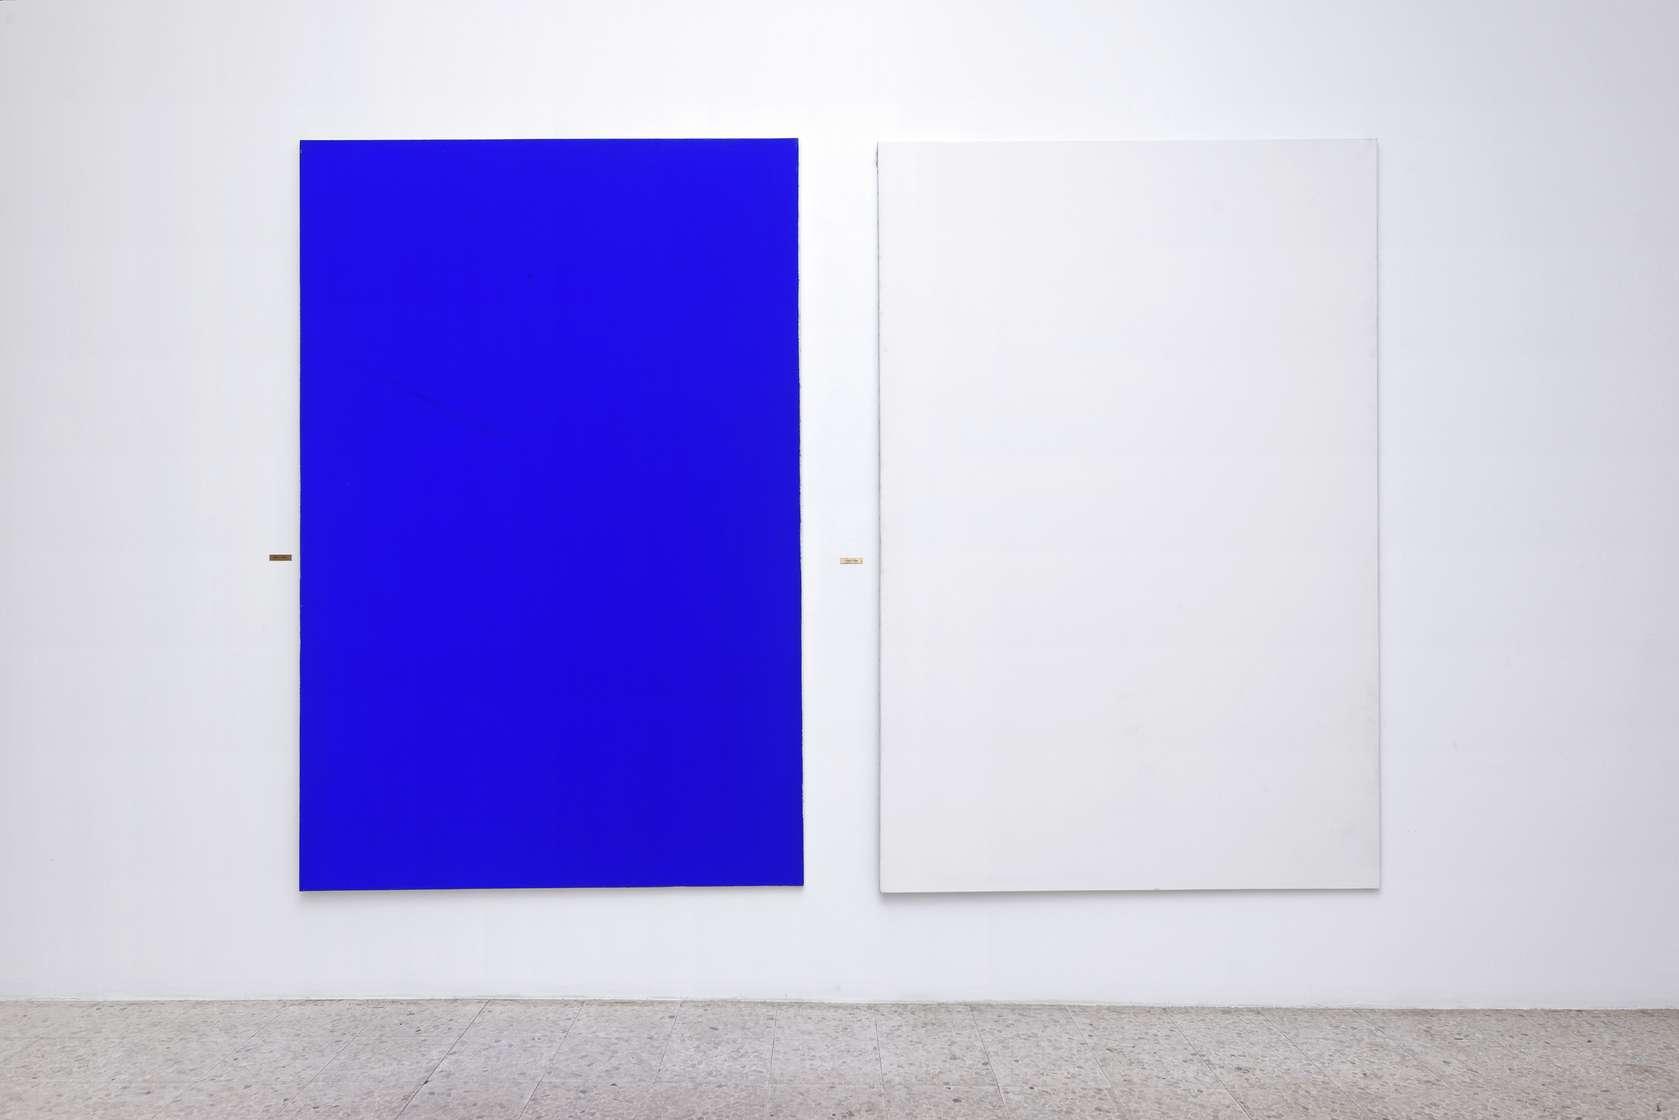 Présence Panchounette, Ciel sans nuage et nuage sans ciel (1889-1988), 1988 Acrylique sur toile et cartels en laiton200 × 140 cm / 78 6/8 × 55 1/8 in. (chaque/each)